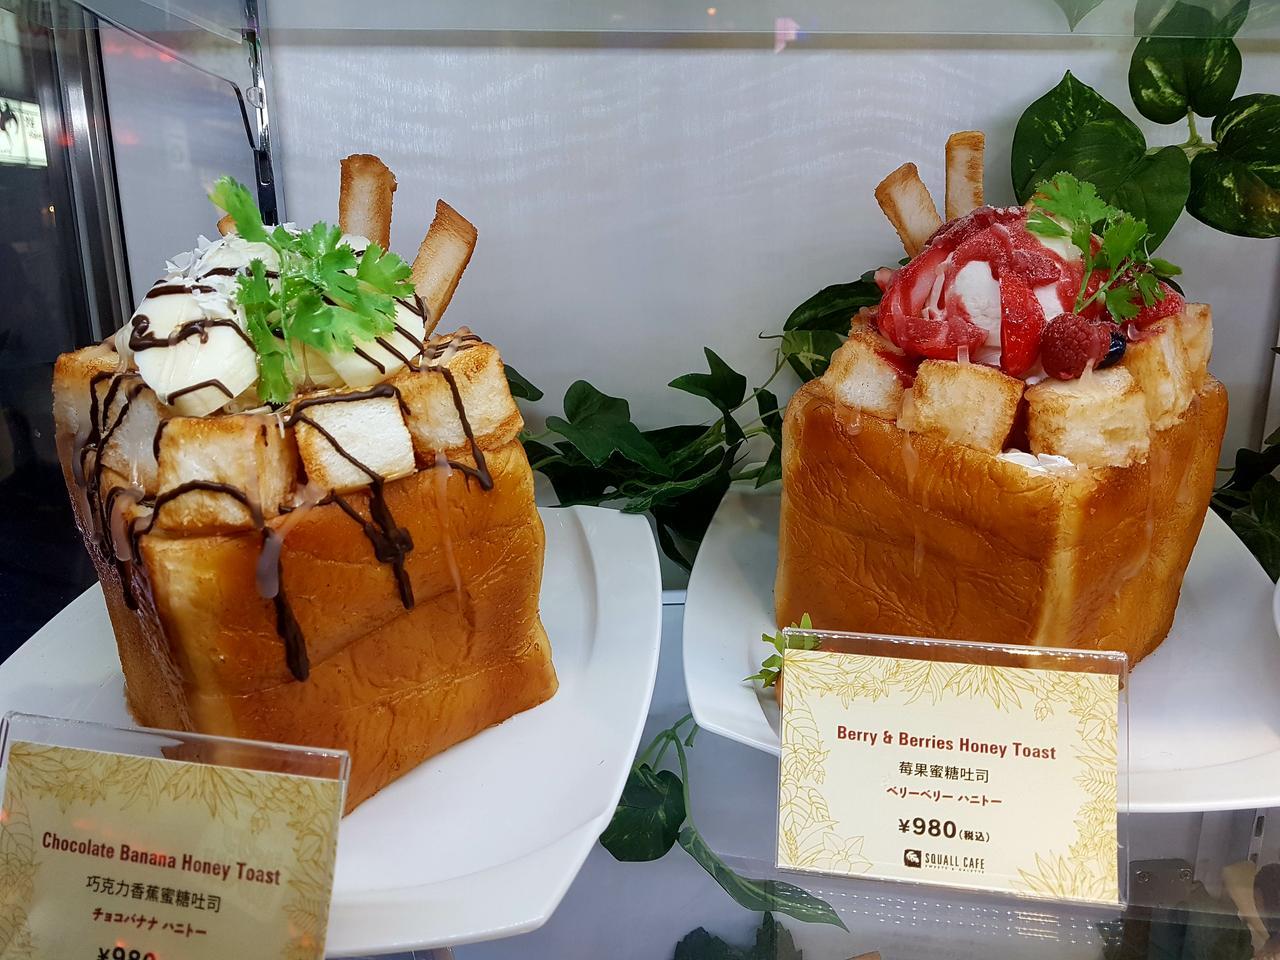 wielkie tosty japonskie na slodko